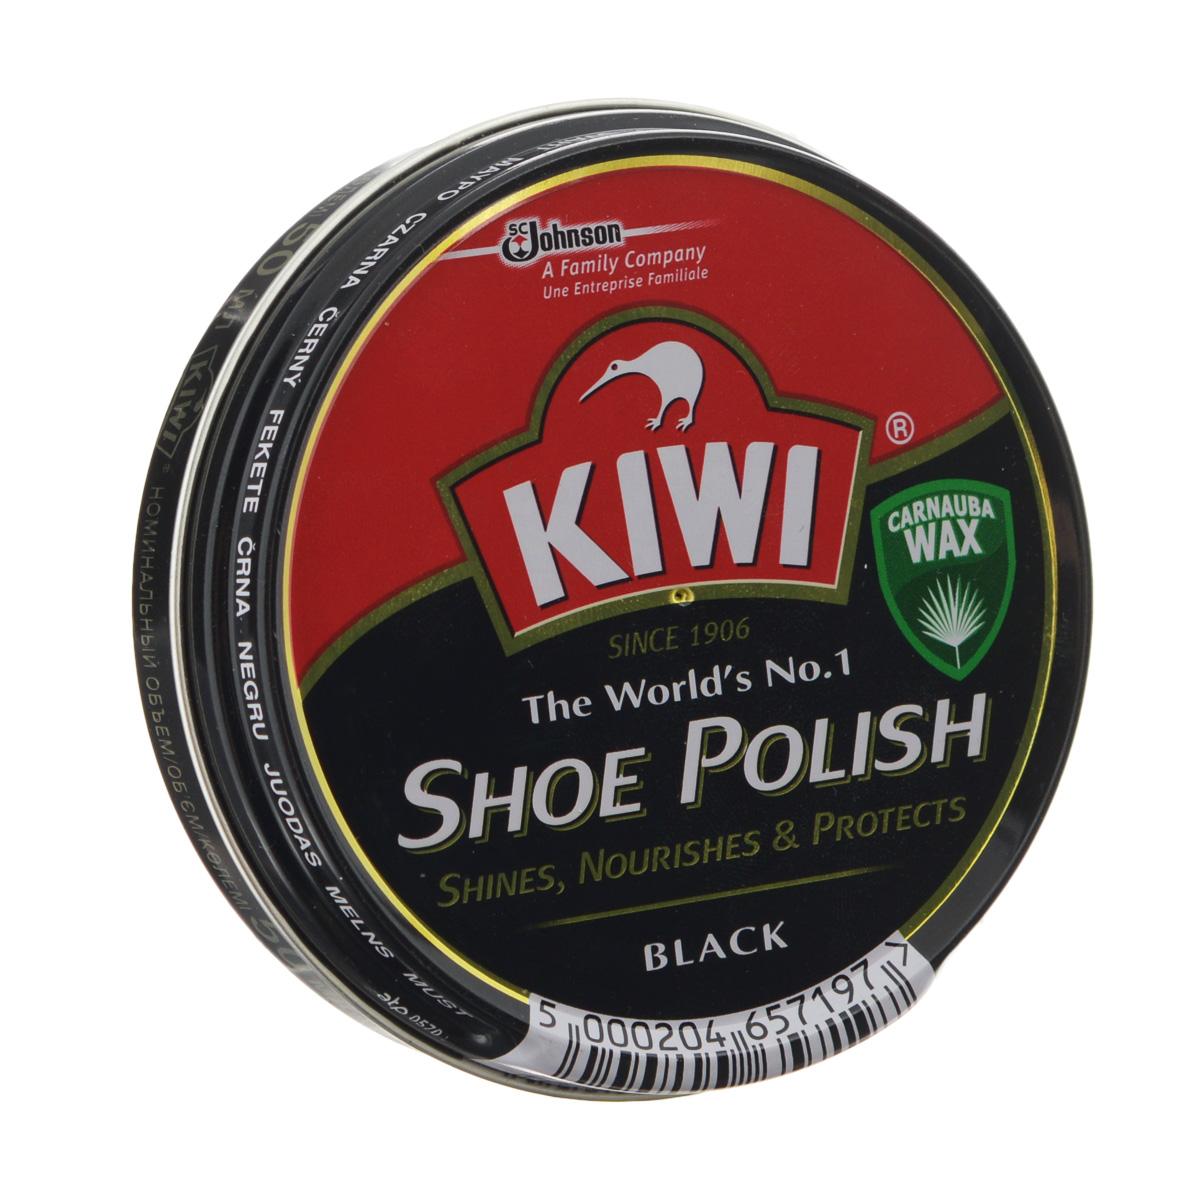 Крем для обуви Kiwi Shoe Polish, цвет: черный, 50 мл632088Самый популярный в мире крем в банке Kiwi Shoe Polish предназначен для ухода за изделиями из гладкой кожи. В состав крема входит уникальный воск листьев пальмы Carnauba, произрастающей в джунглях Южной Америки. Наличие крышки-щелчок гарантирует легкость открываний.